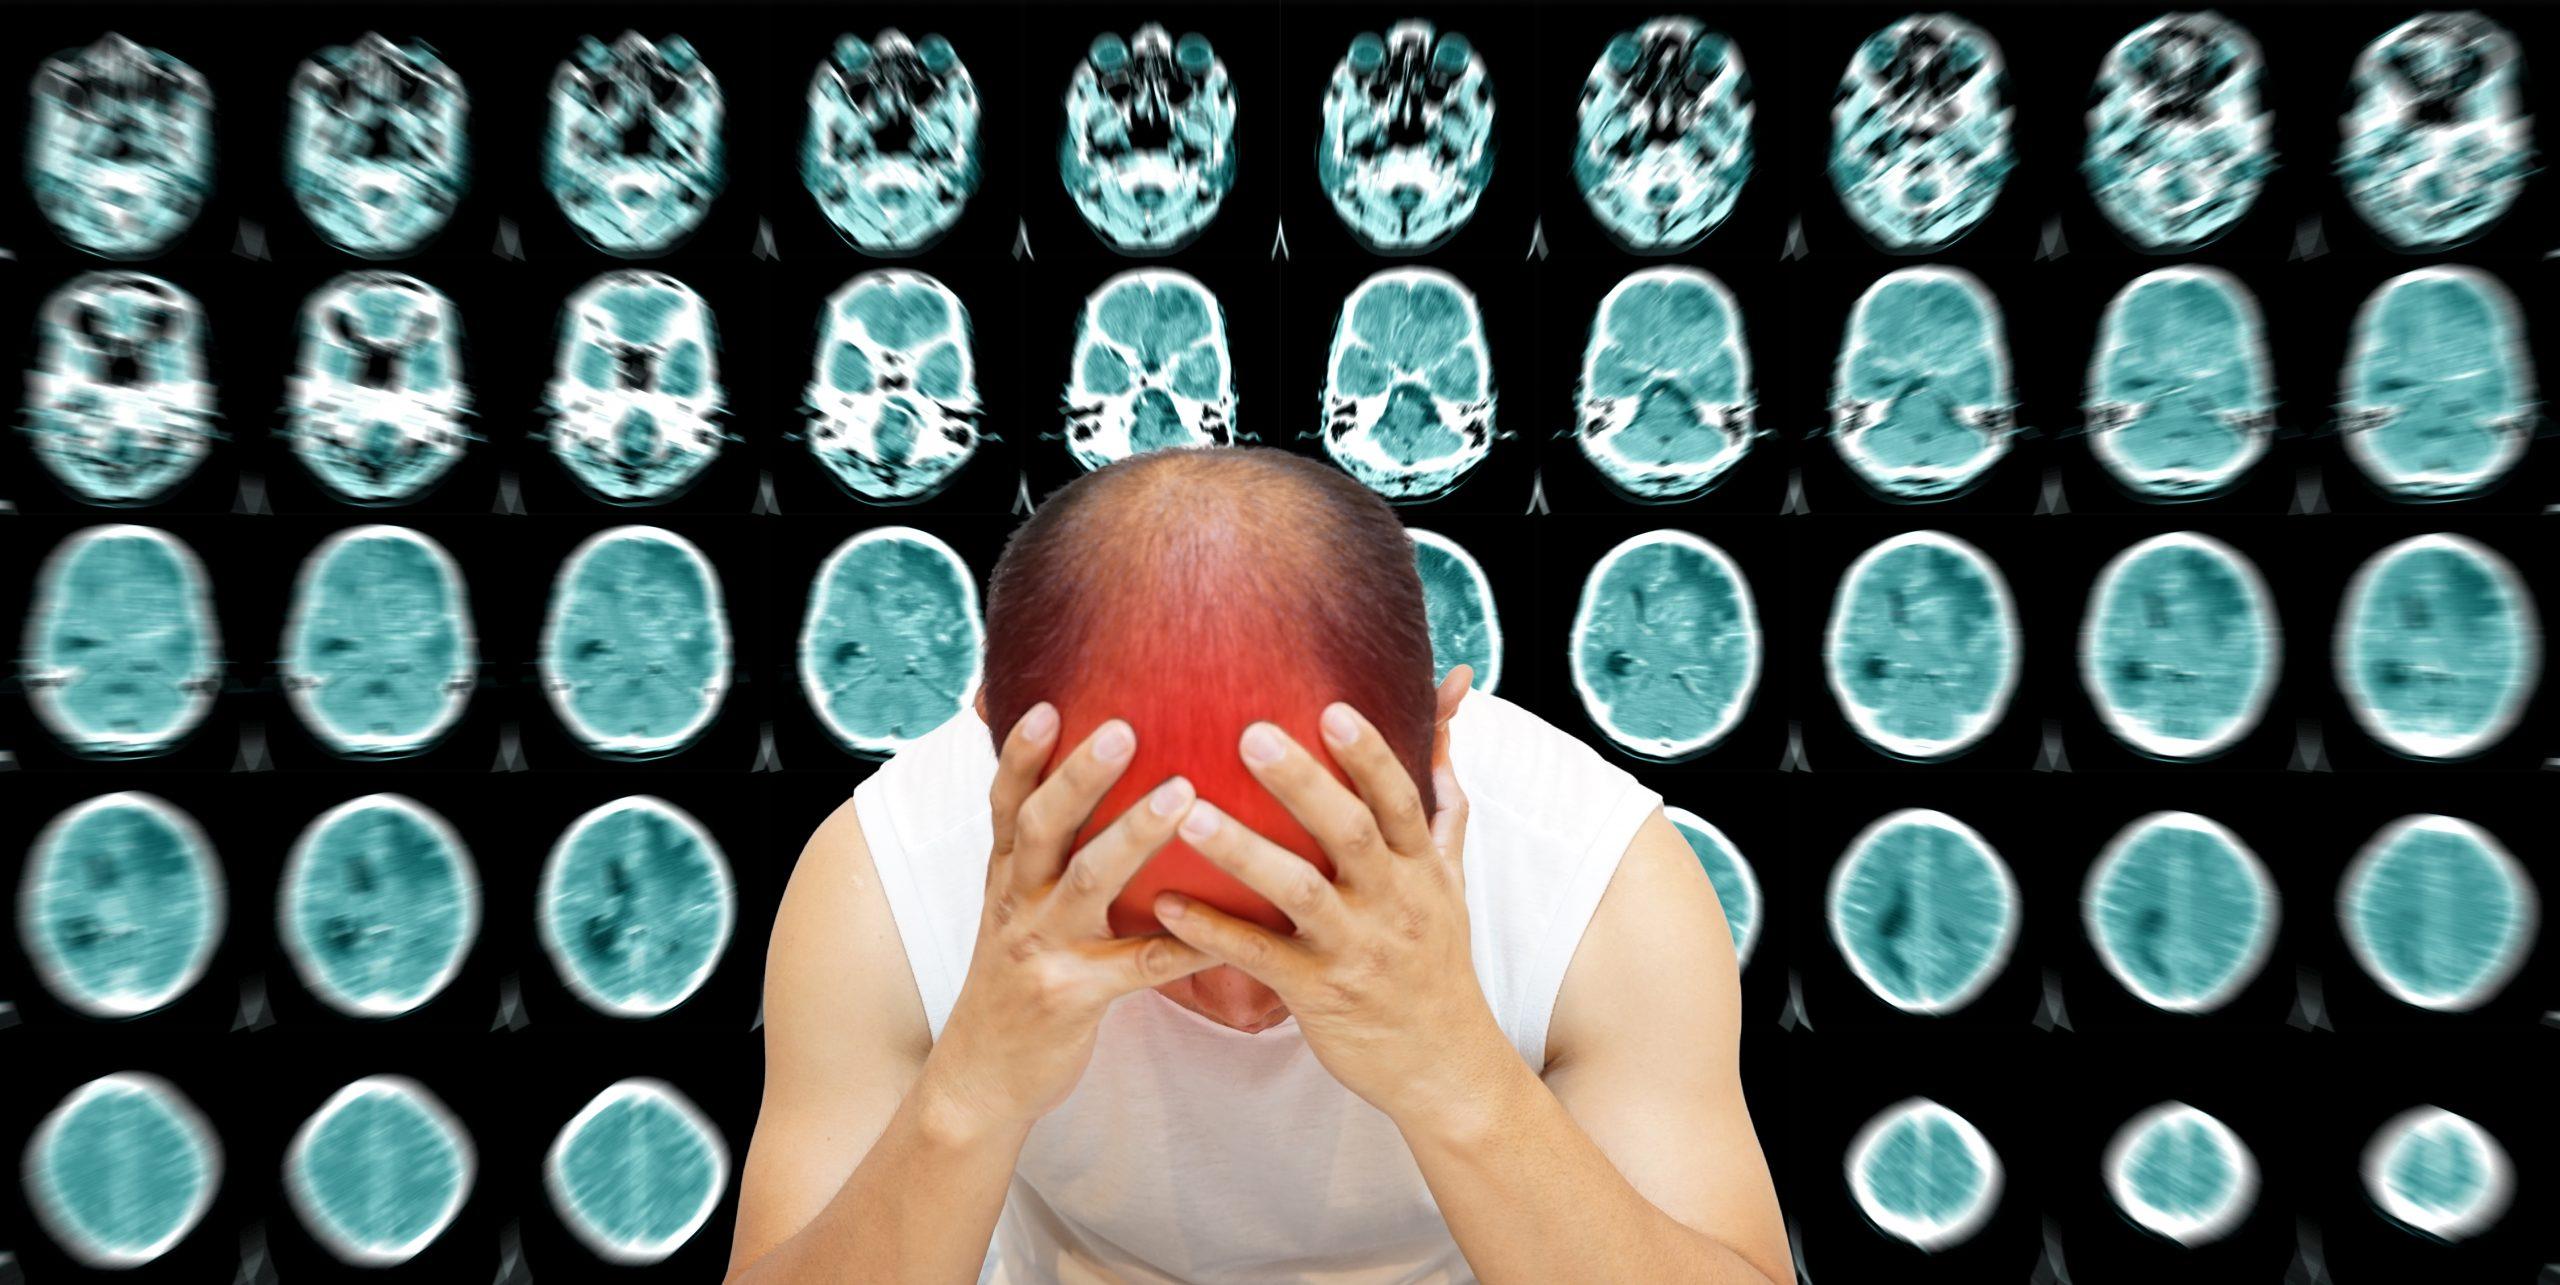 Muž trpící bolestí hlavy z důvodu meningokokové nákazy.